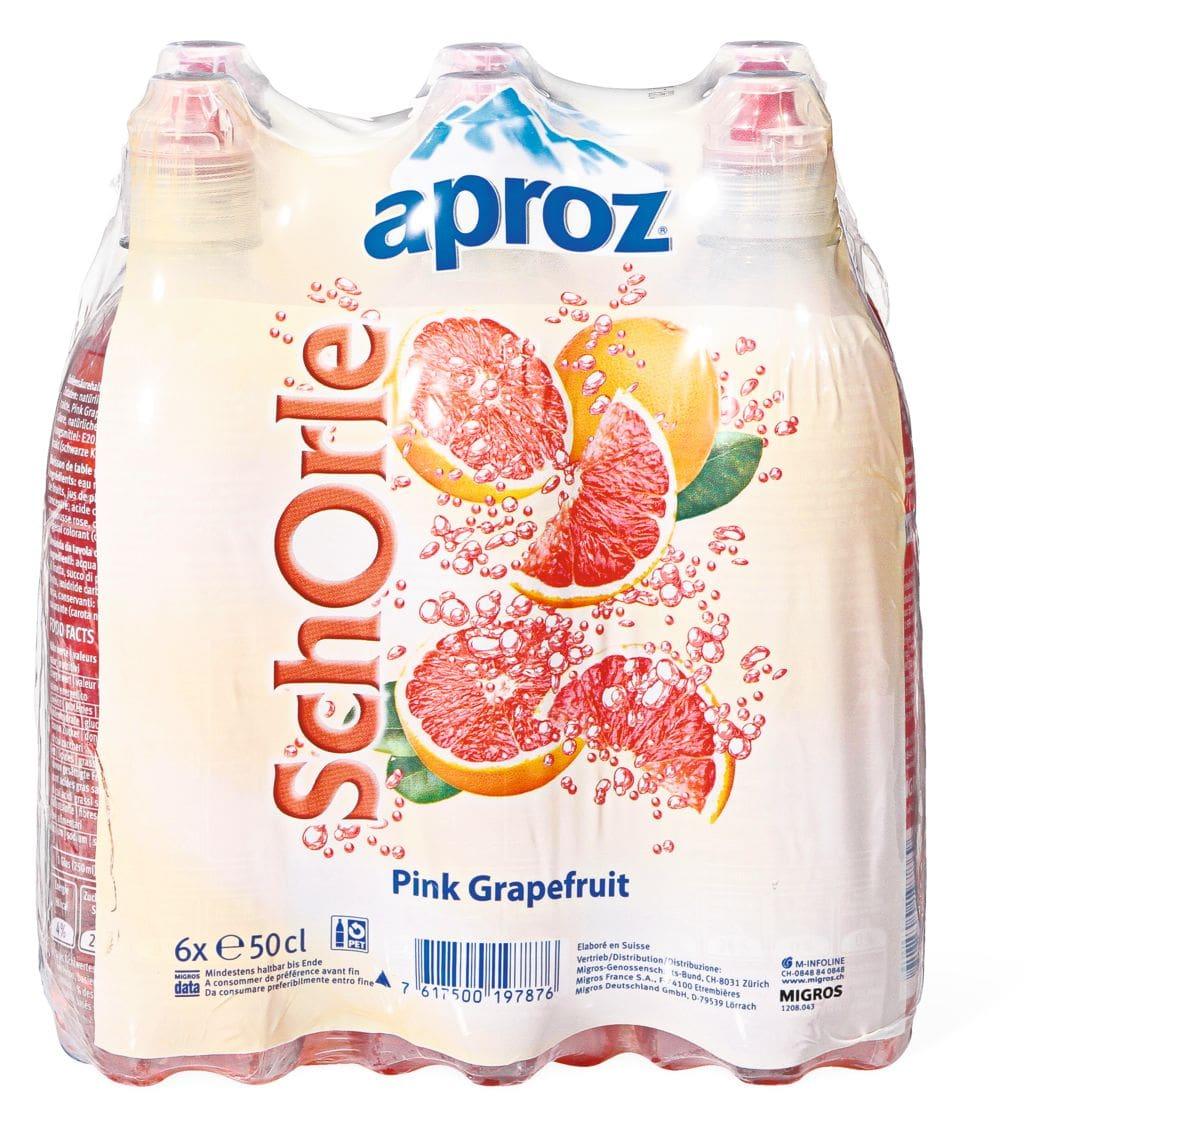 Aproz Schorle Pink grapefruit